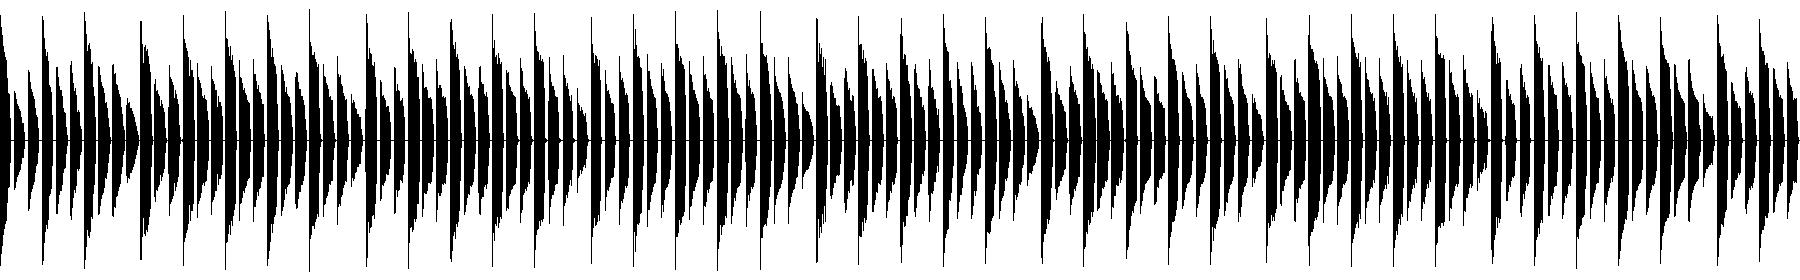 syn5 125